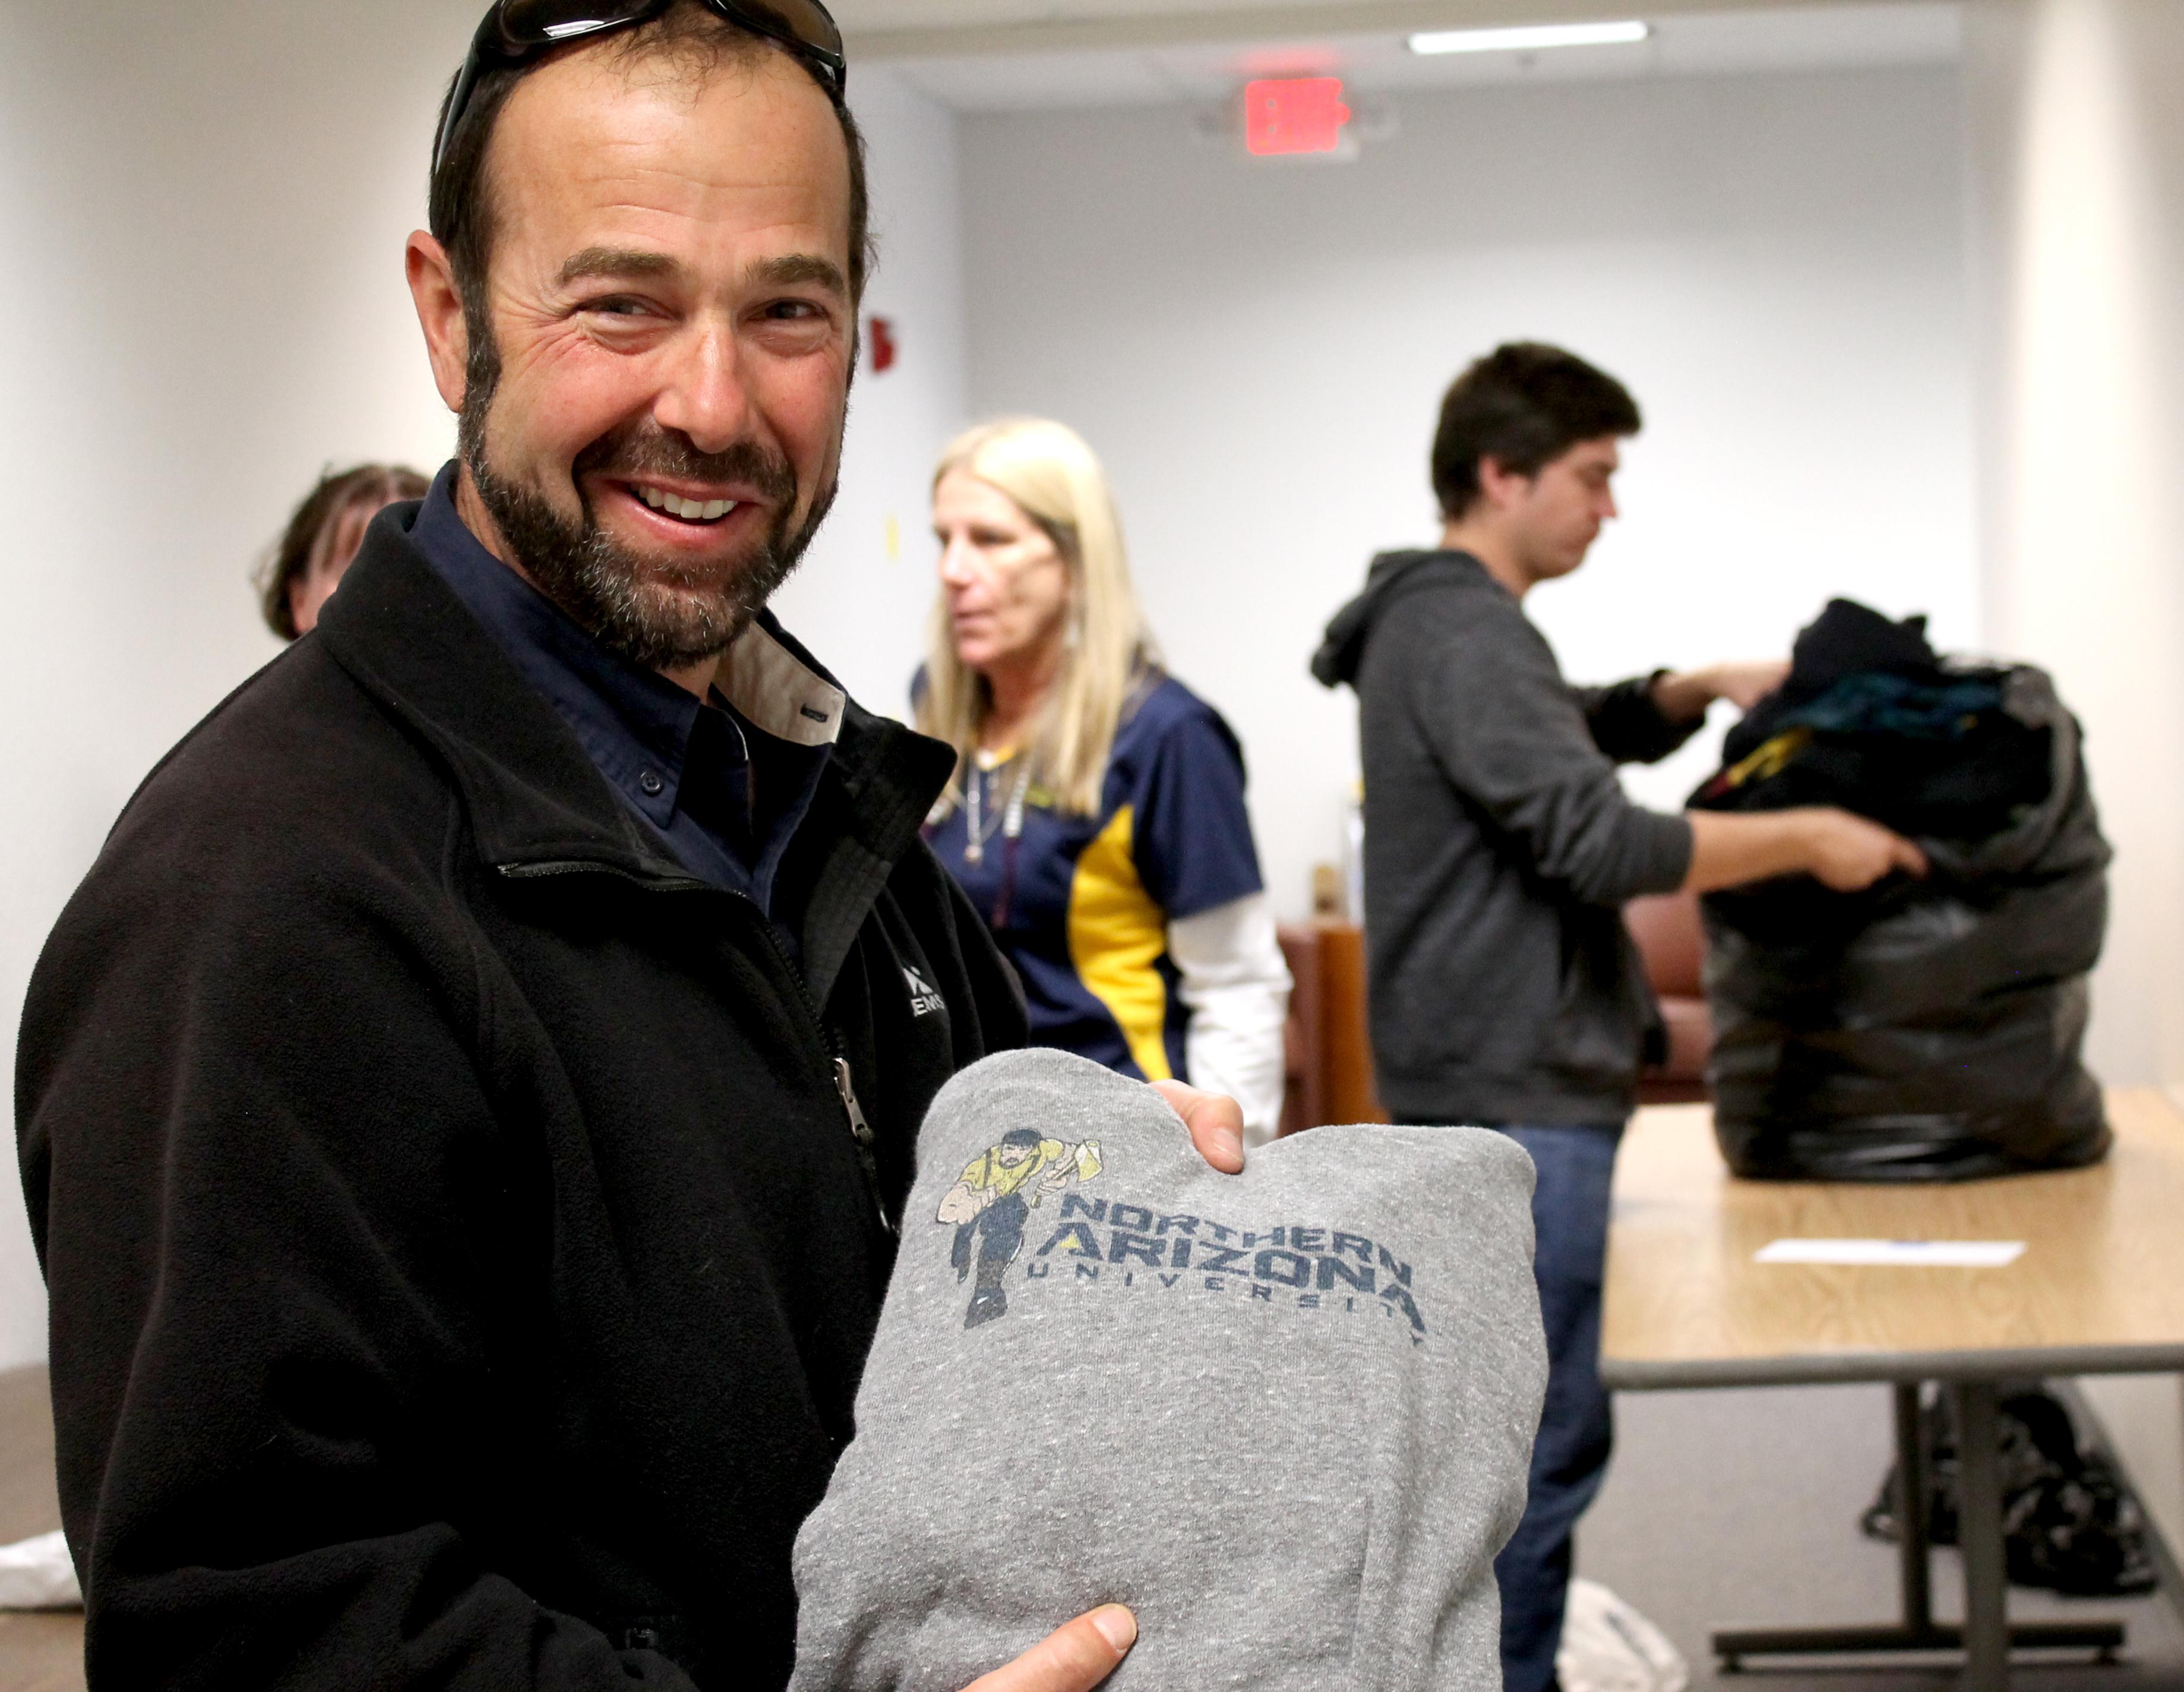 Scott Halle holds up donated NAU shirt